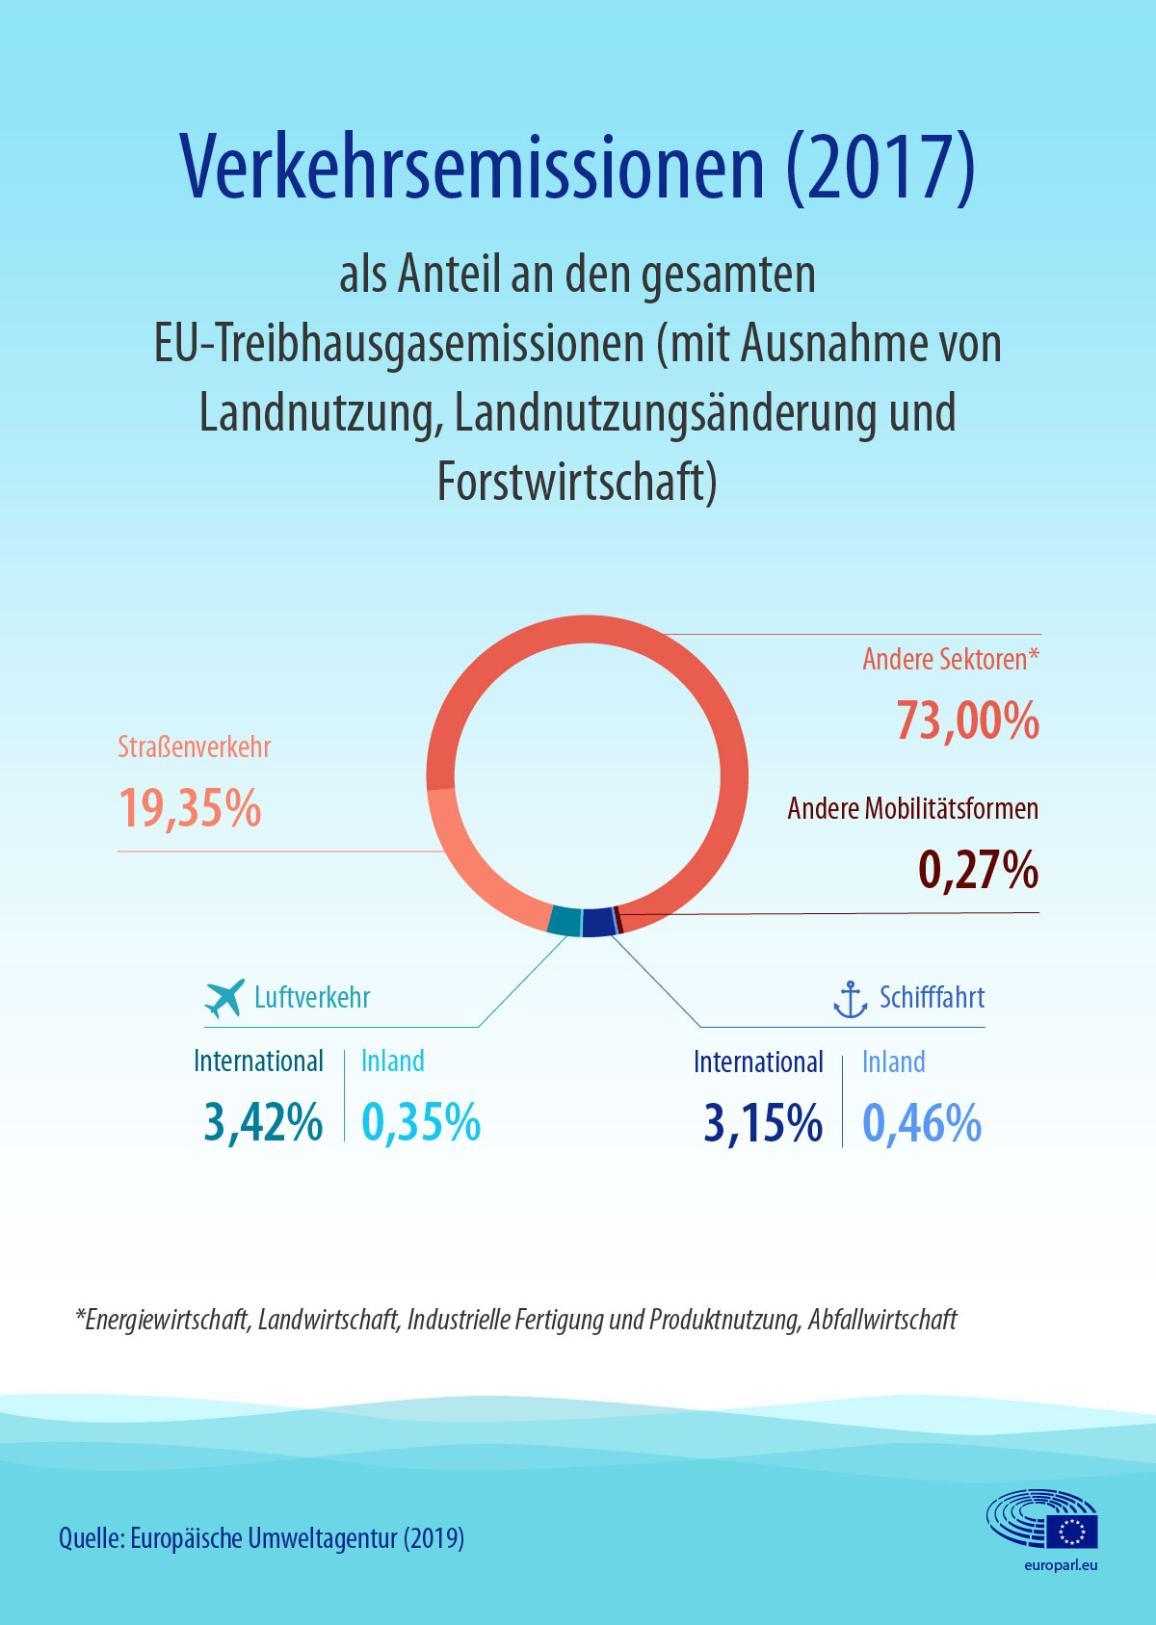 Infografik zu Verkehrsemissionen, inklusive Luftfahrt und Schiffsverkehr, als Anteil an den gesamten Treibhausgasemissionen der EU